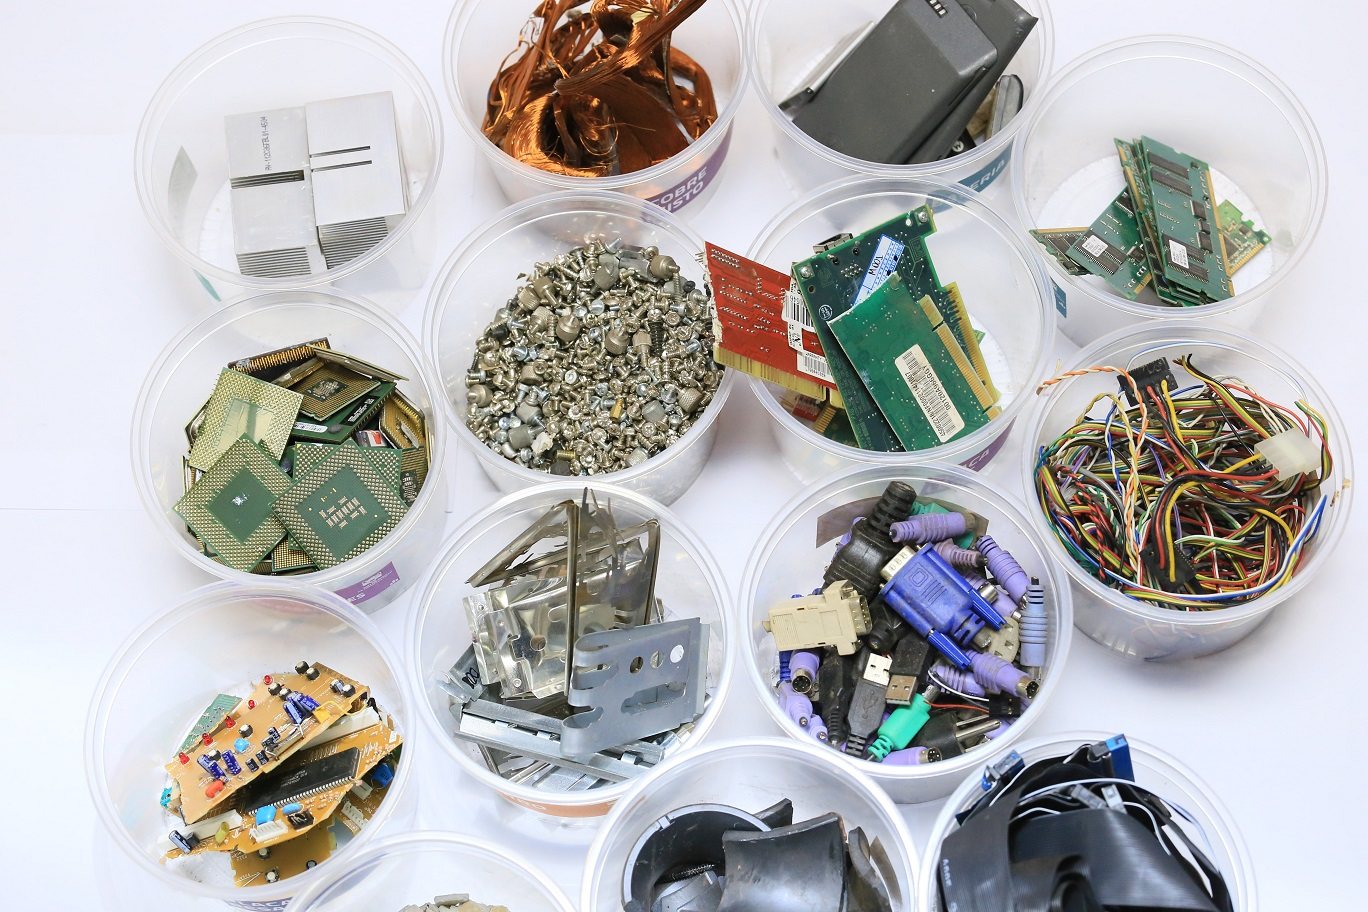 Cara Betul Nak Buang Barang Elektronik Yang Dah Rosak Untuk Elak Pencemaran 2